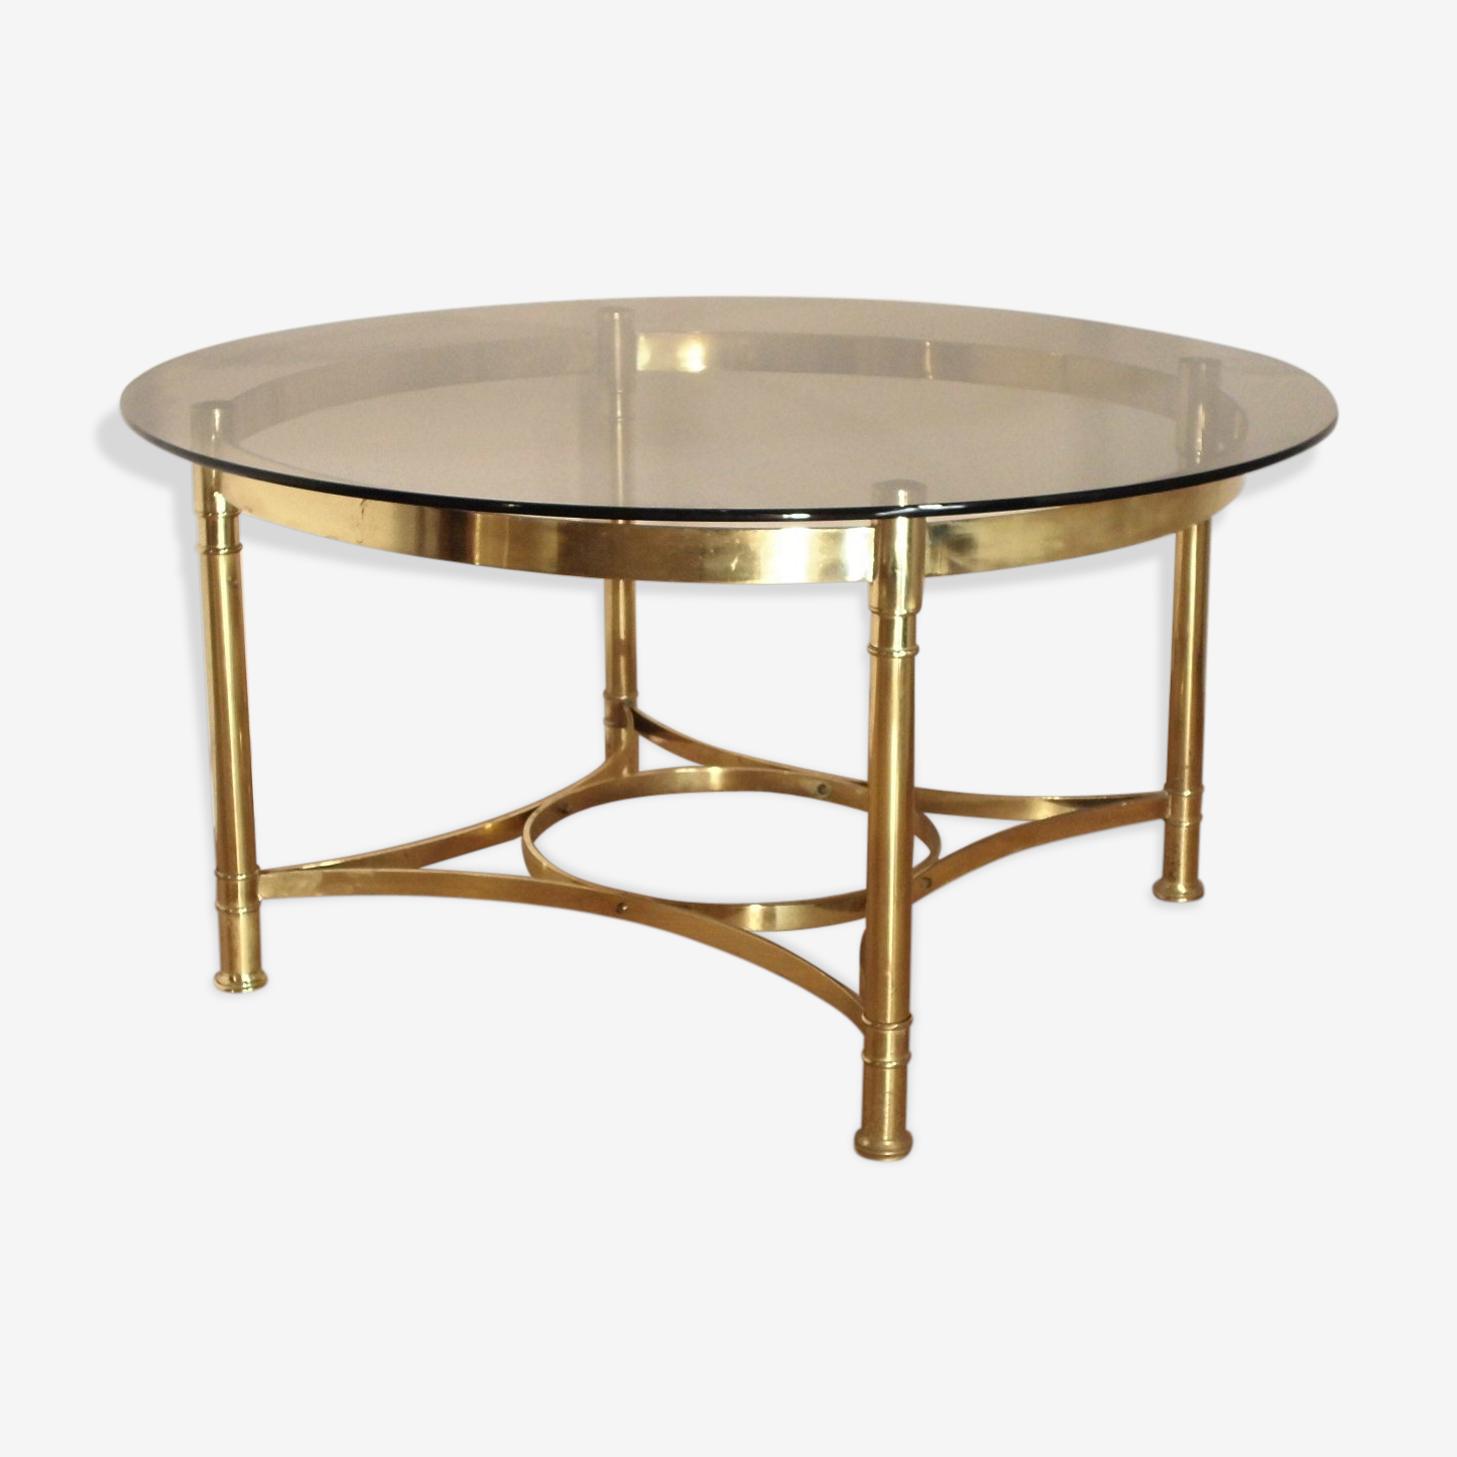 Table basse ronde en laiton et plateau en verre fumé amovible